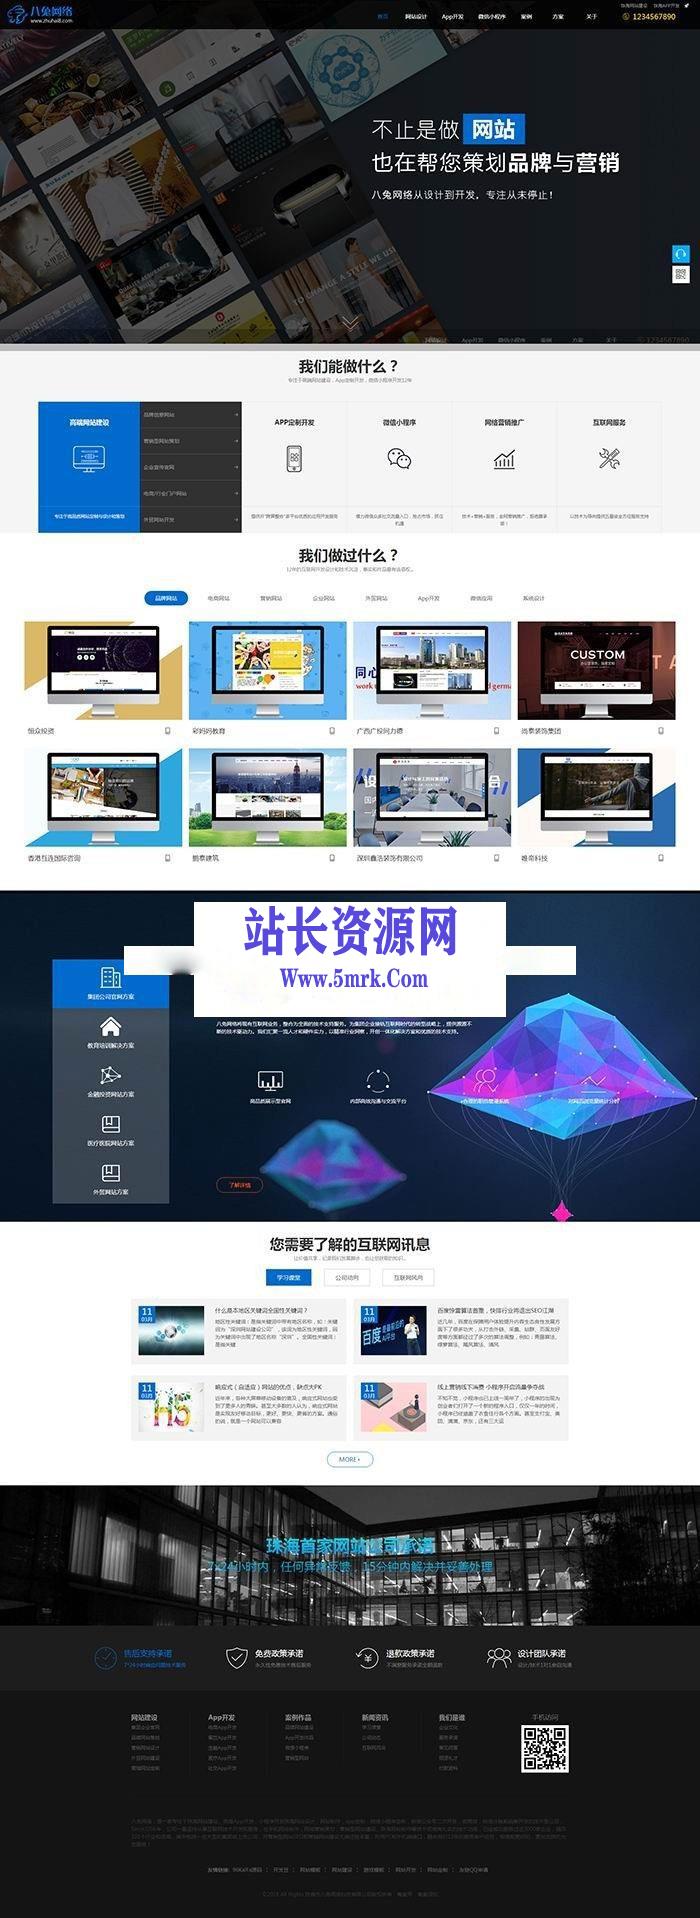 帝国cms7.5大气高科技感自适应网站建设网络公司网站源码_源码下载